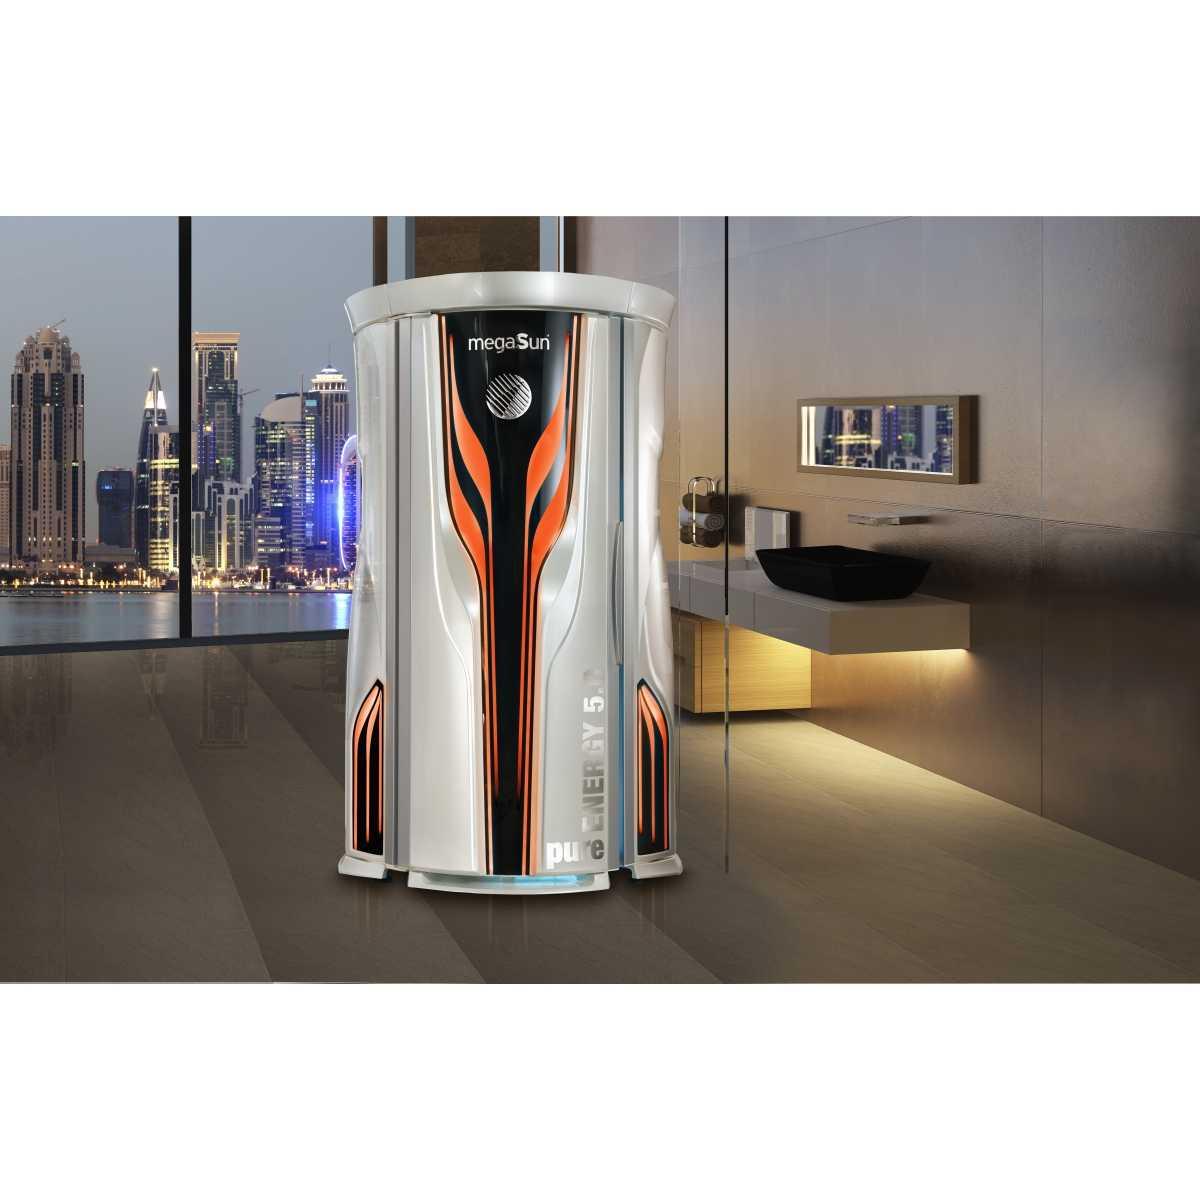 Megasun Pure Energy 5.0